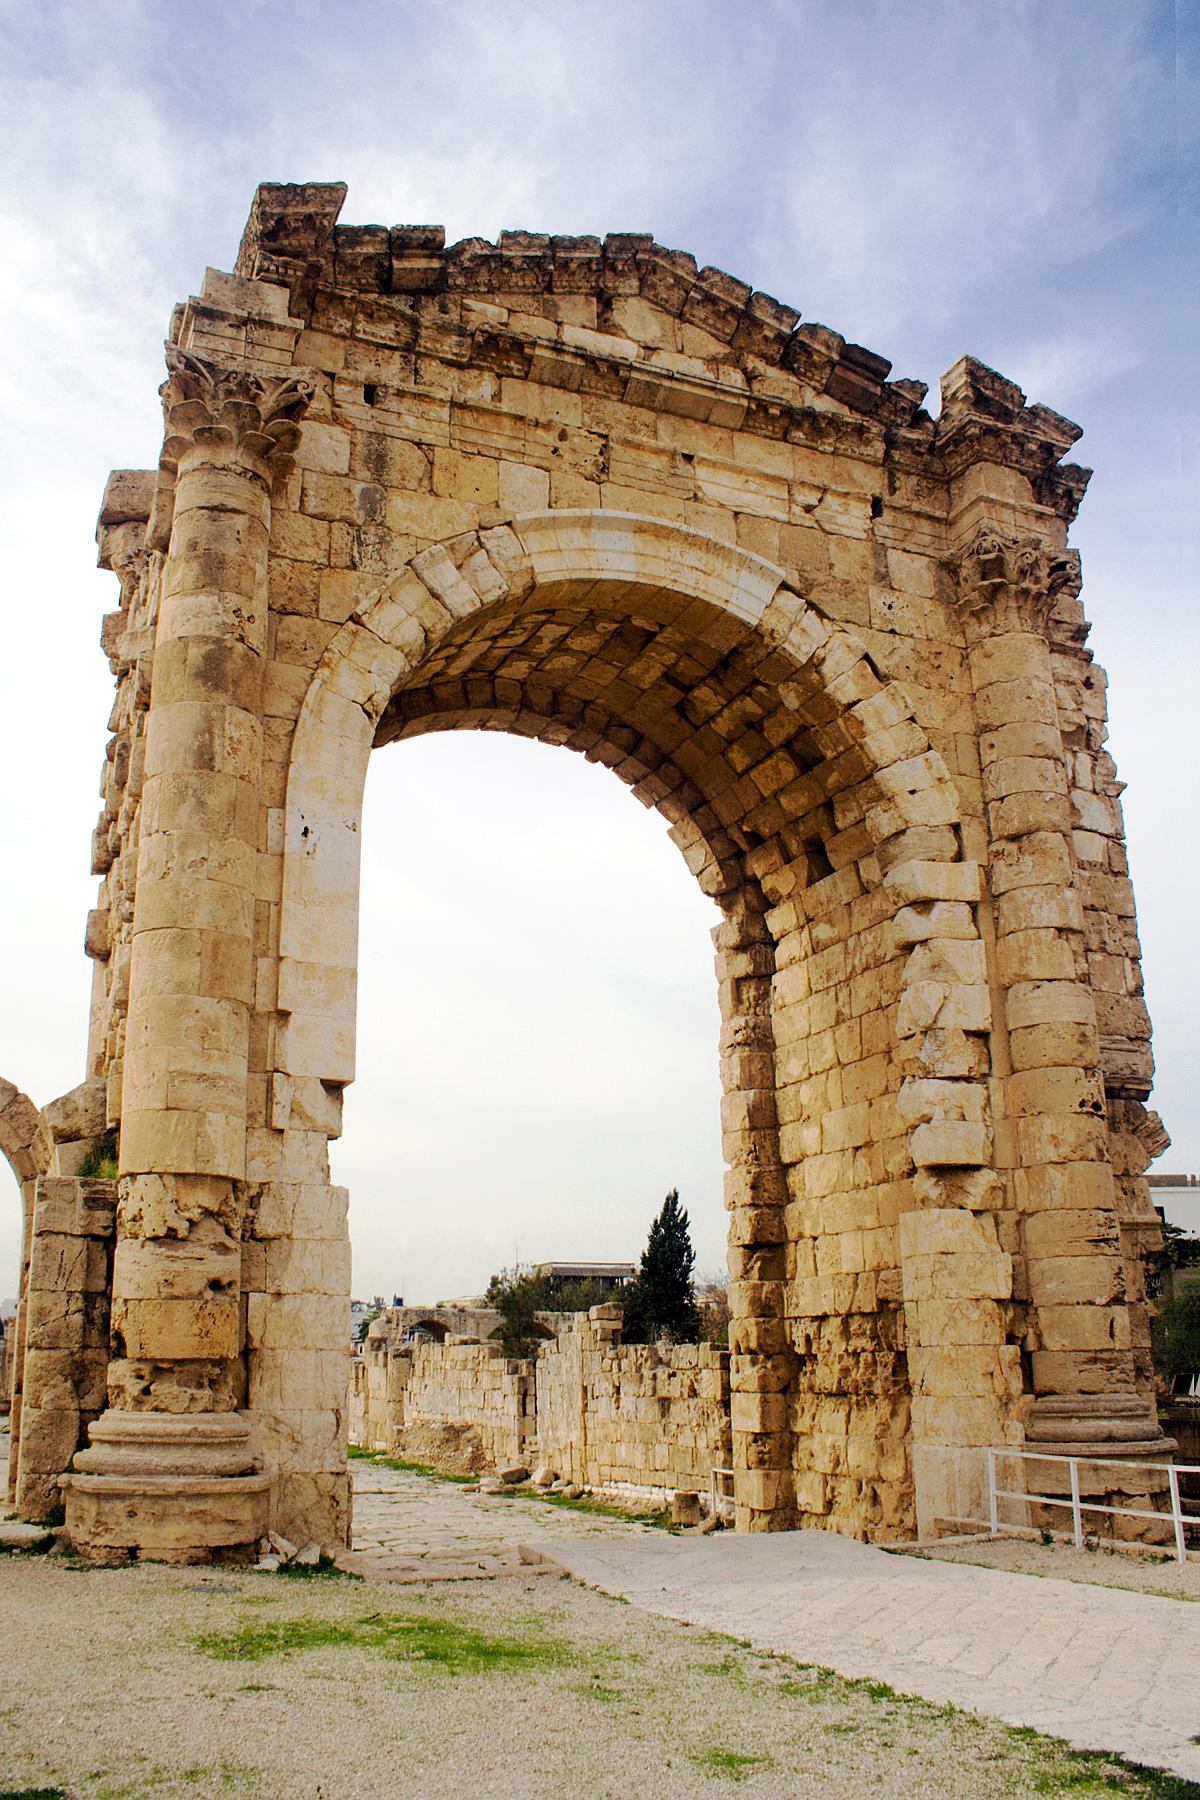 Architecture Branding Imprinting The Imperium Romanum Wherever